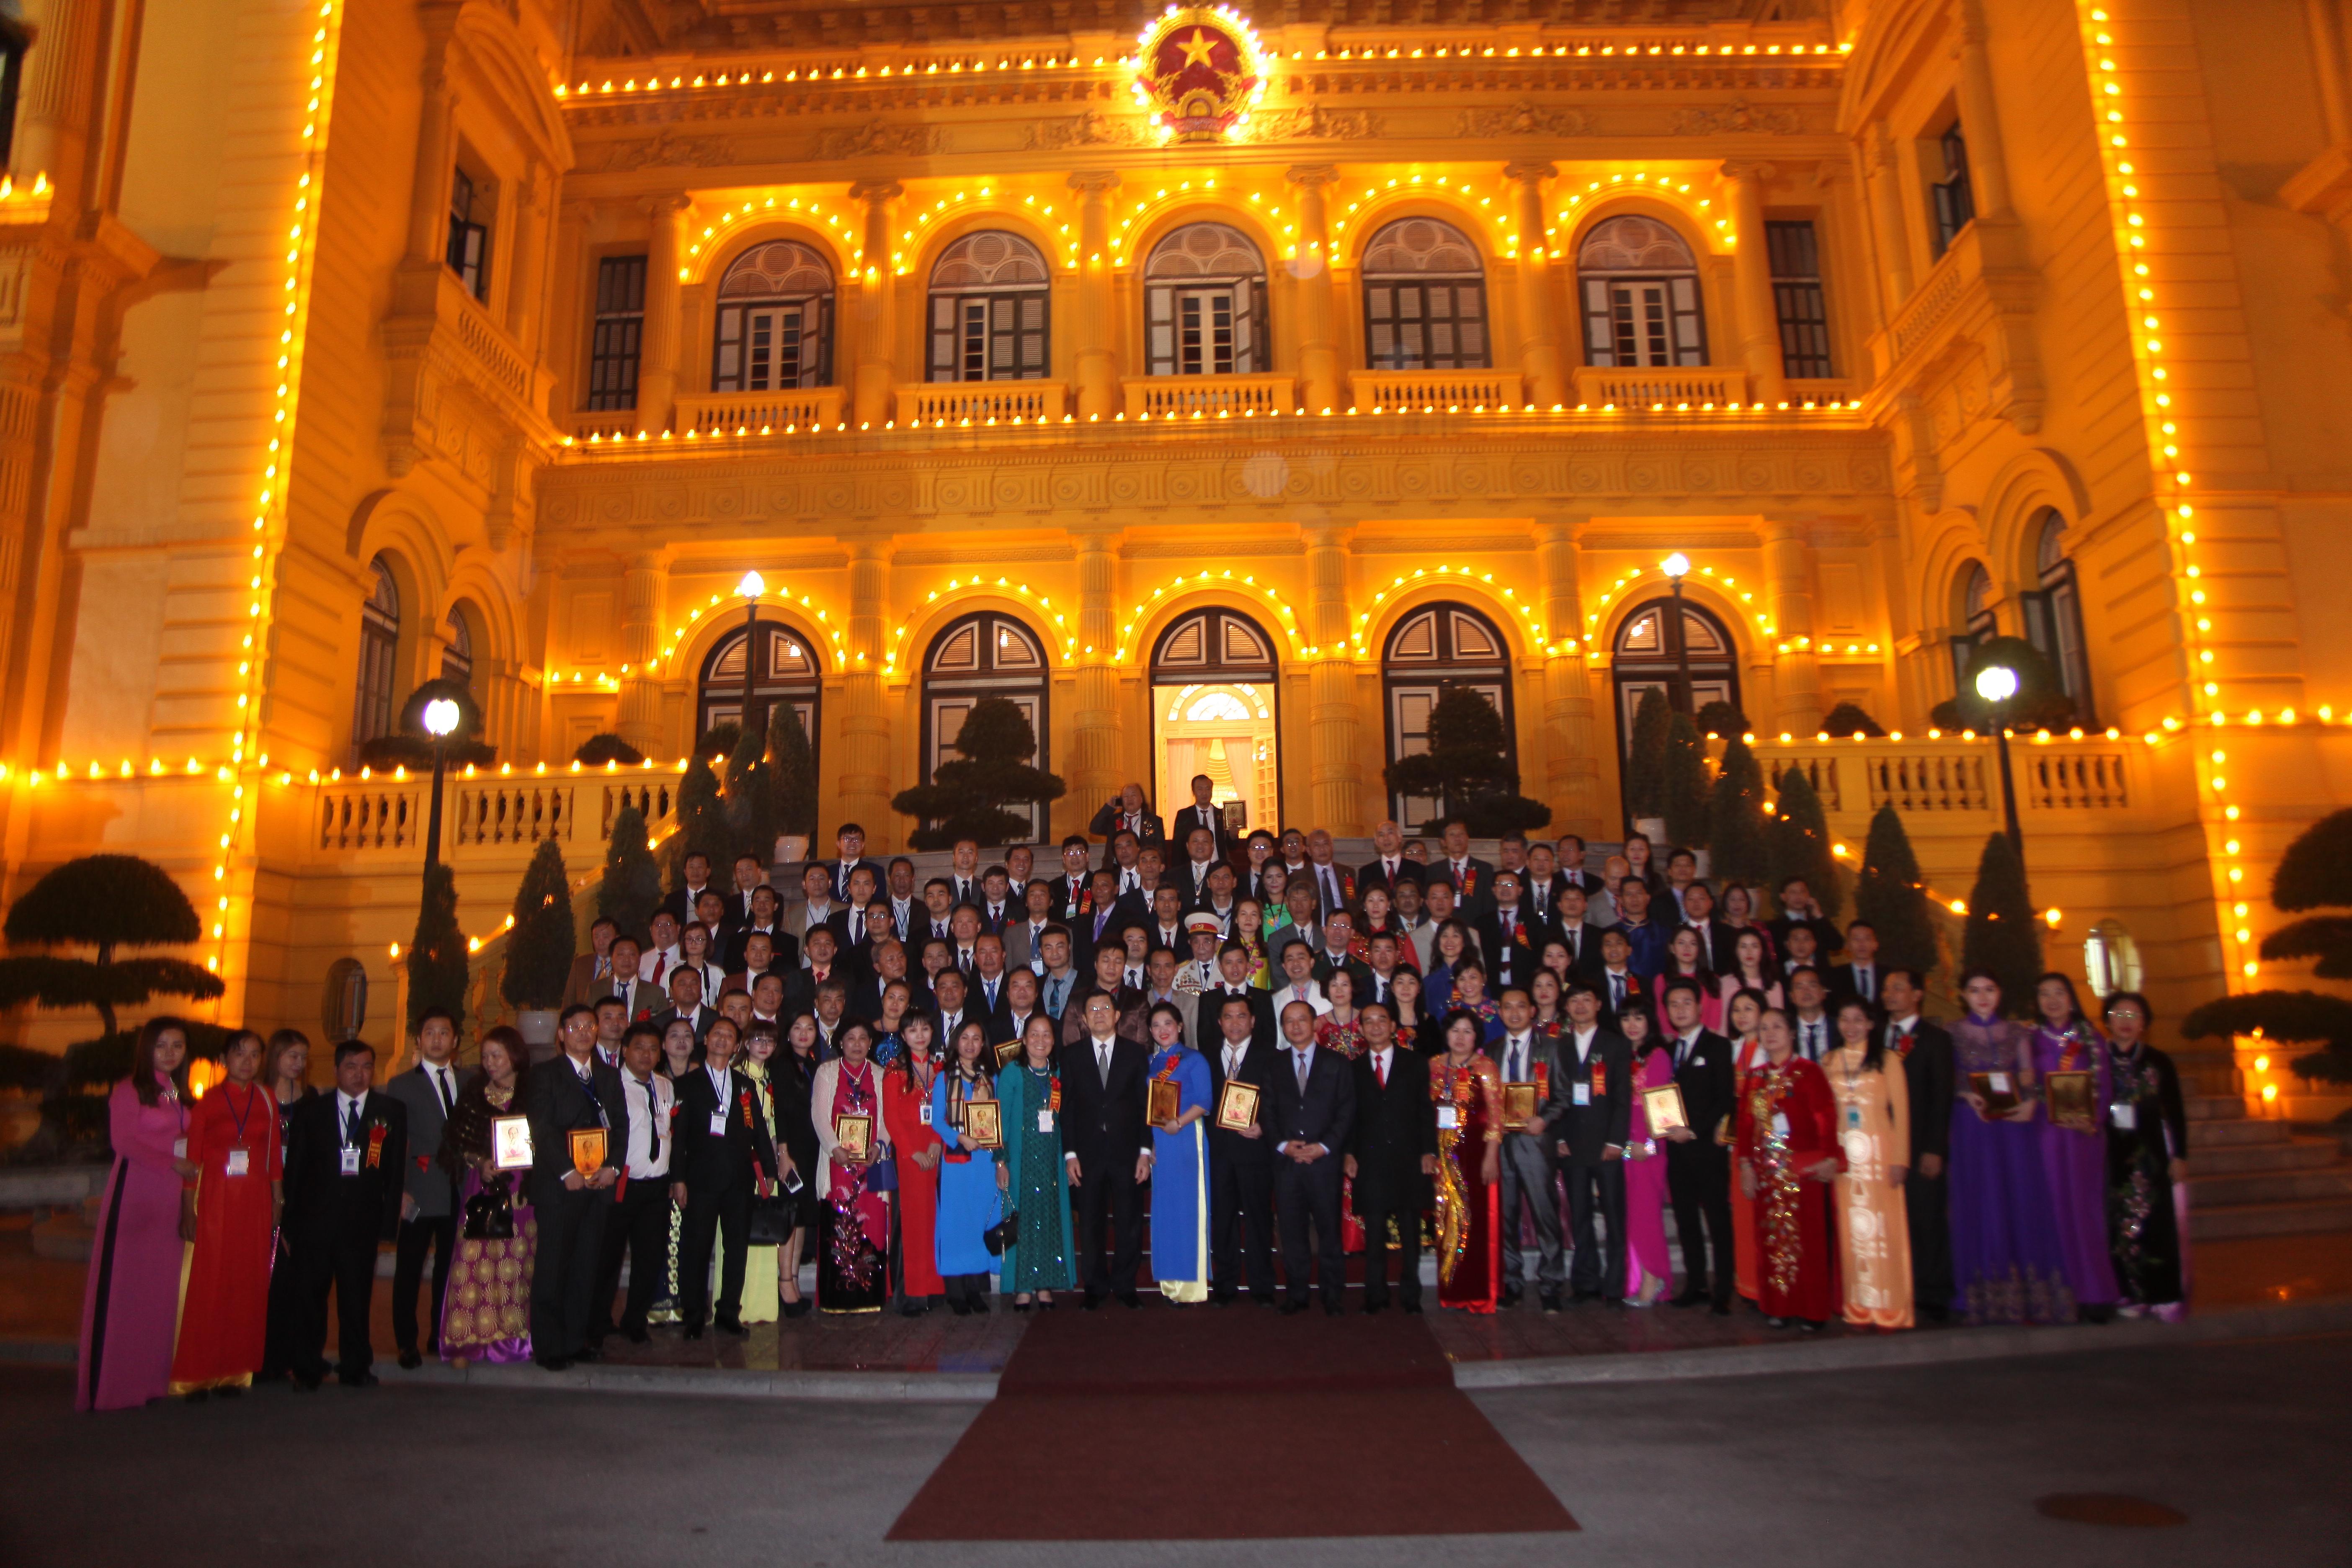 Bác sĩ Phạm Thị Thu Hà nhận kỷ niệm chương chủ tịch nước trao tặng